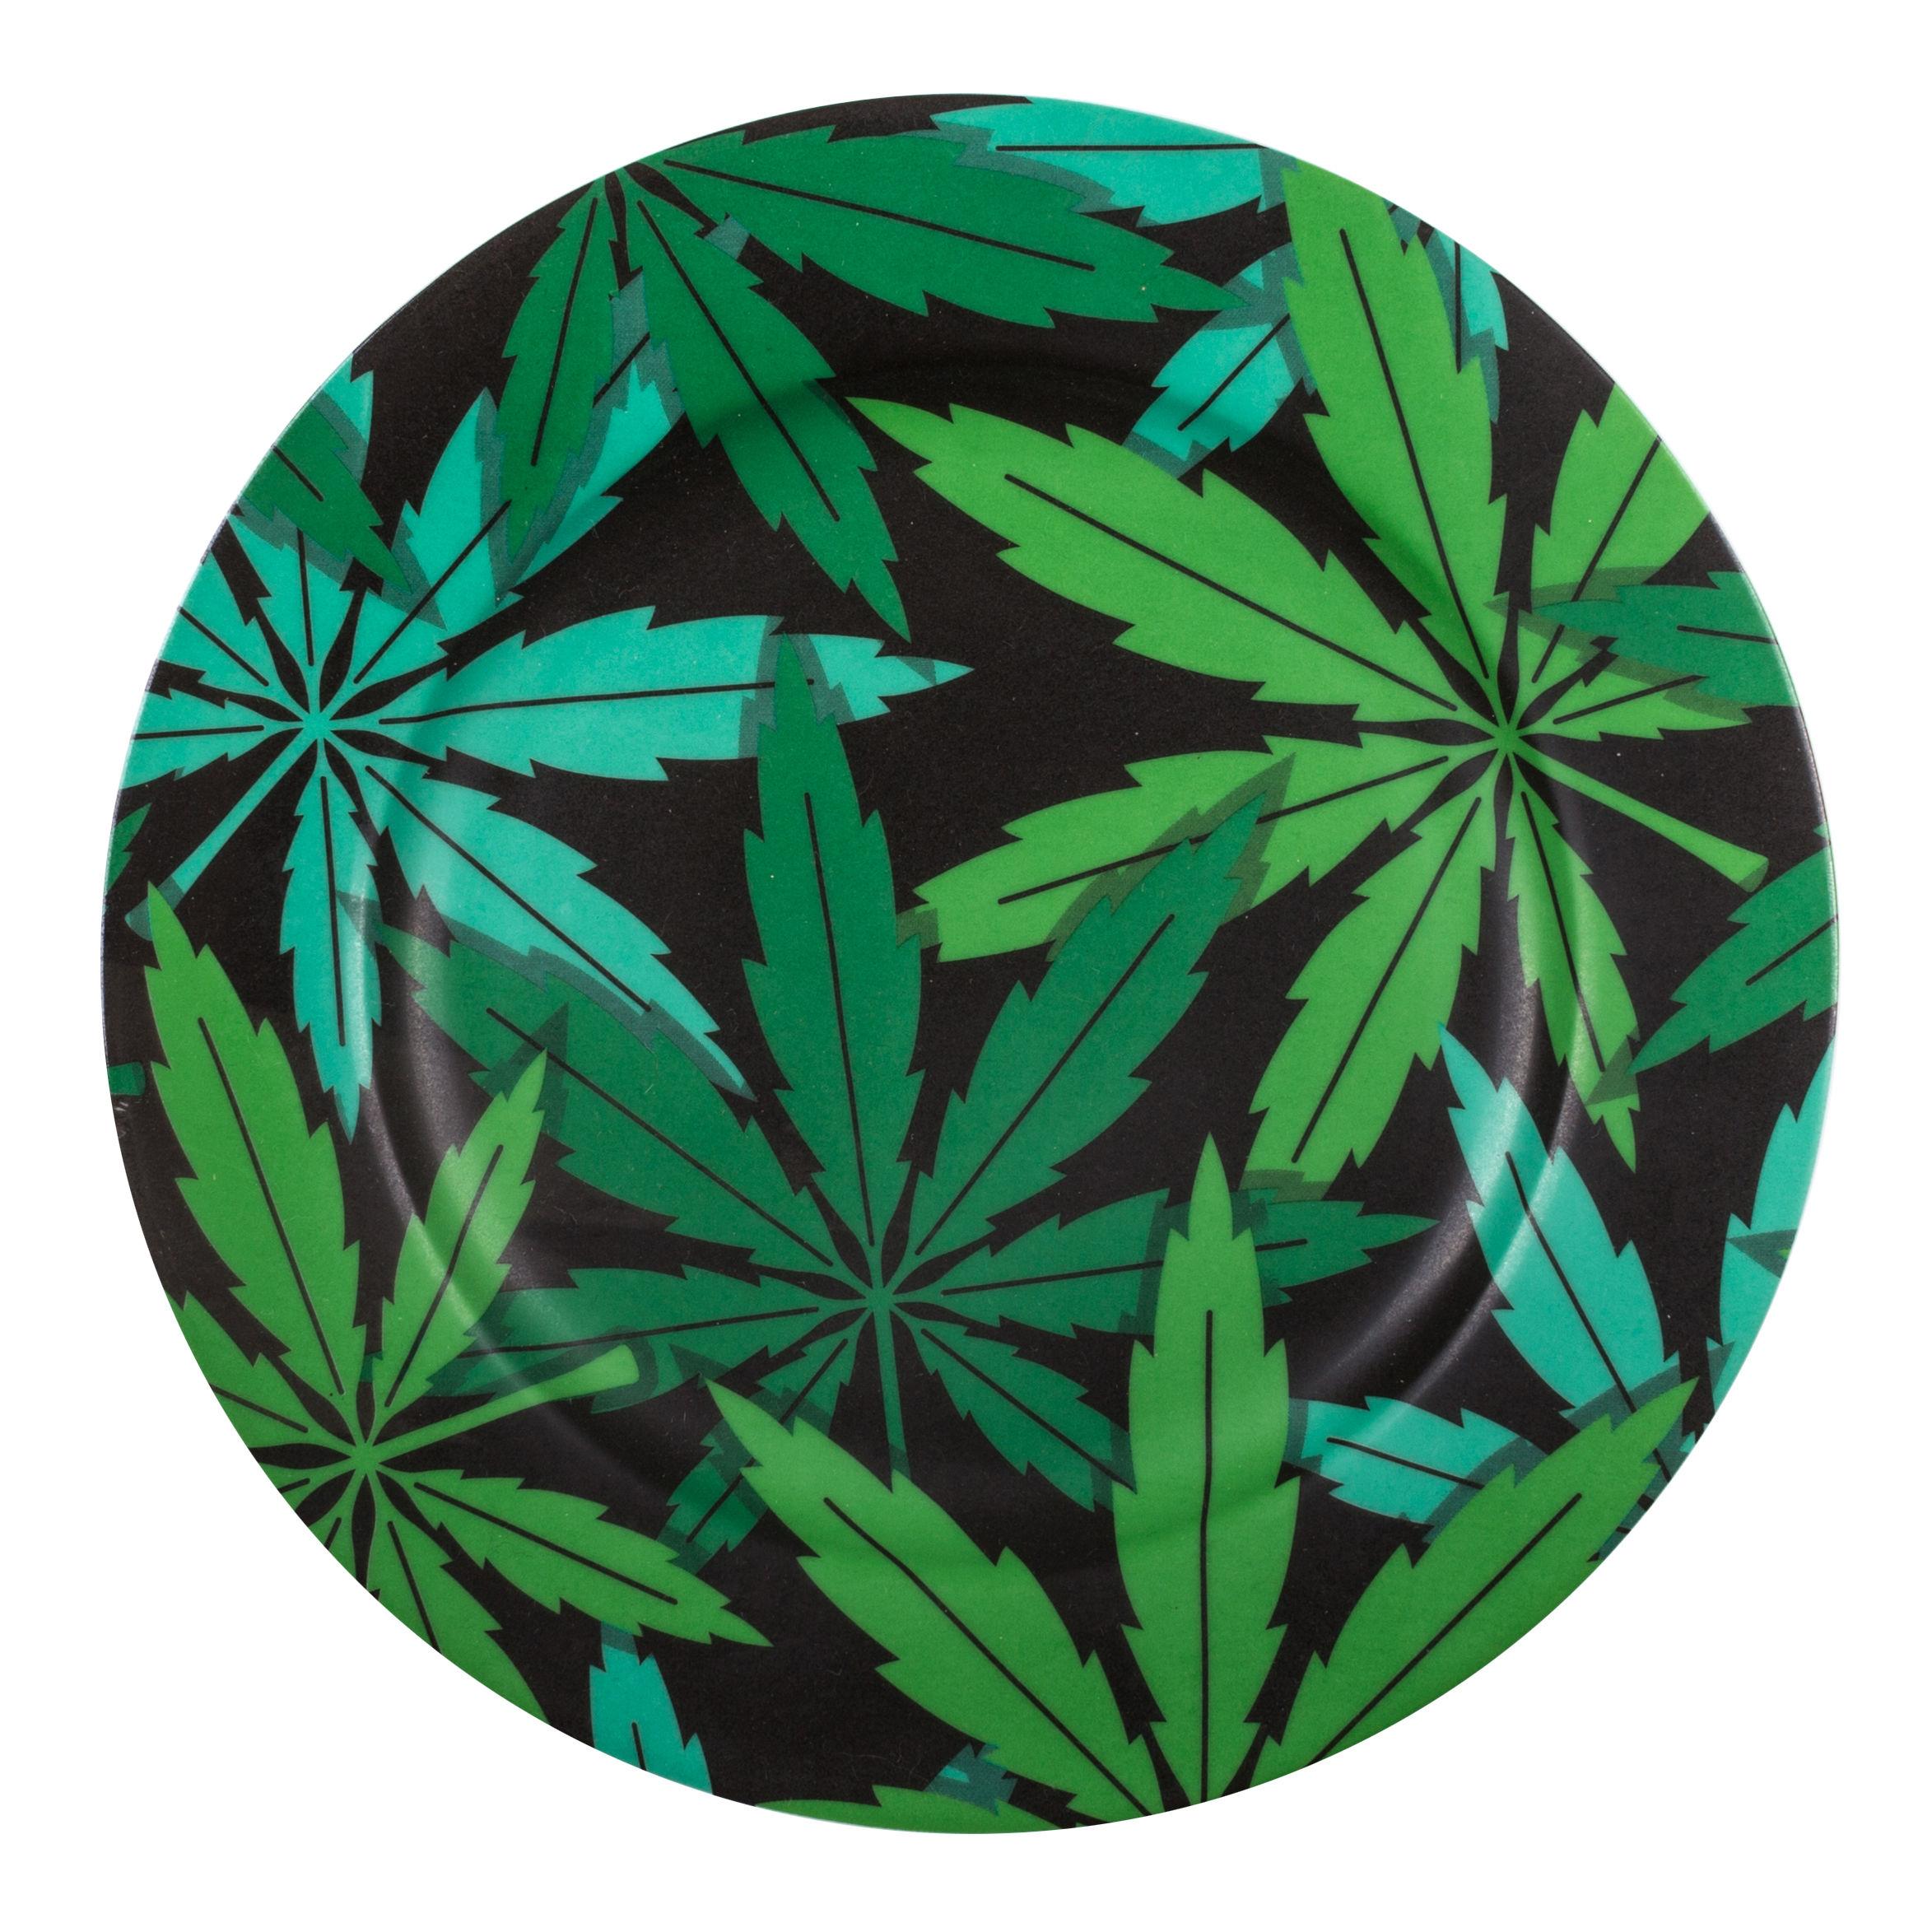 Tavola - Piatti  - Piatto Weed - / Porcellana - Ø 27 cm di Seletti - Canapa - Porcellana